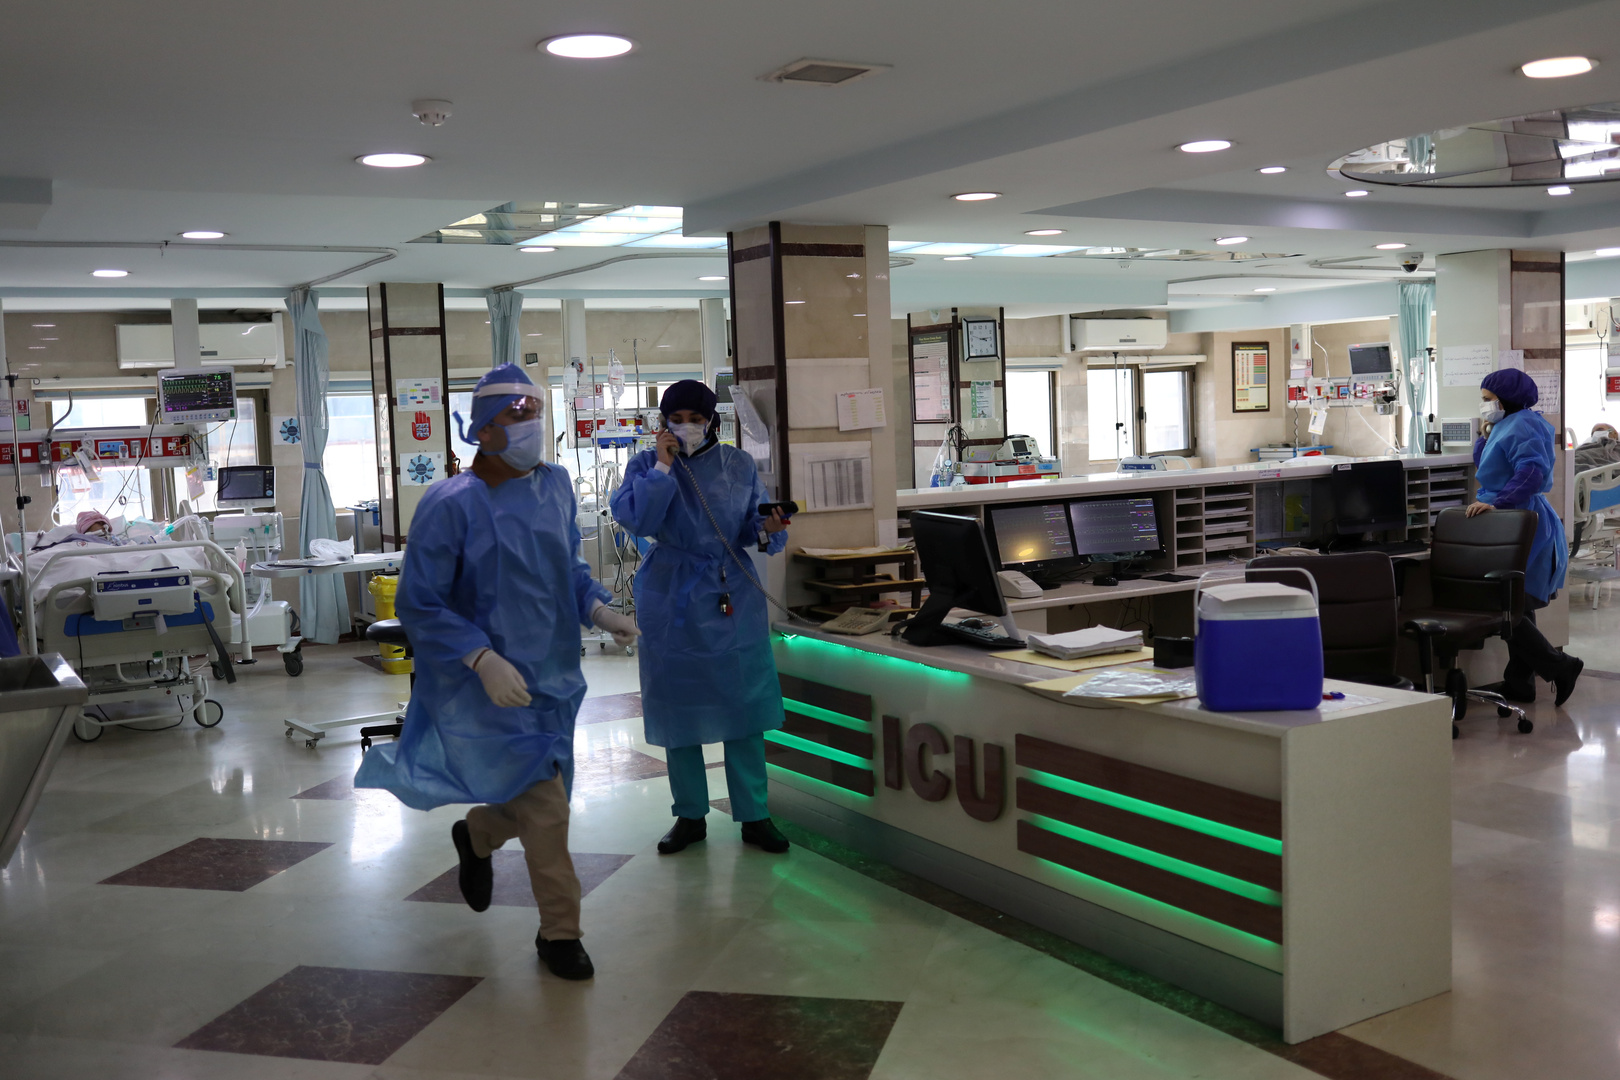 إيران: 358 وفاة ونحو  14 ألف إصابة جديدة بفيروس كورونا